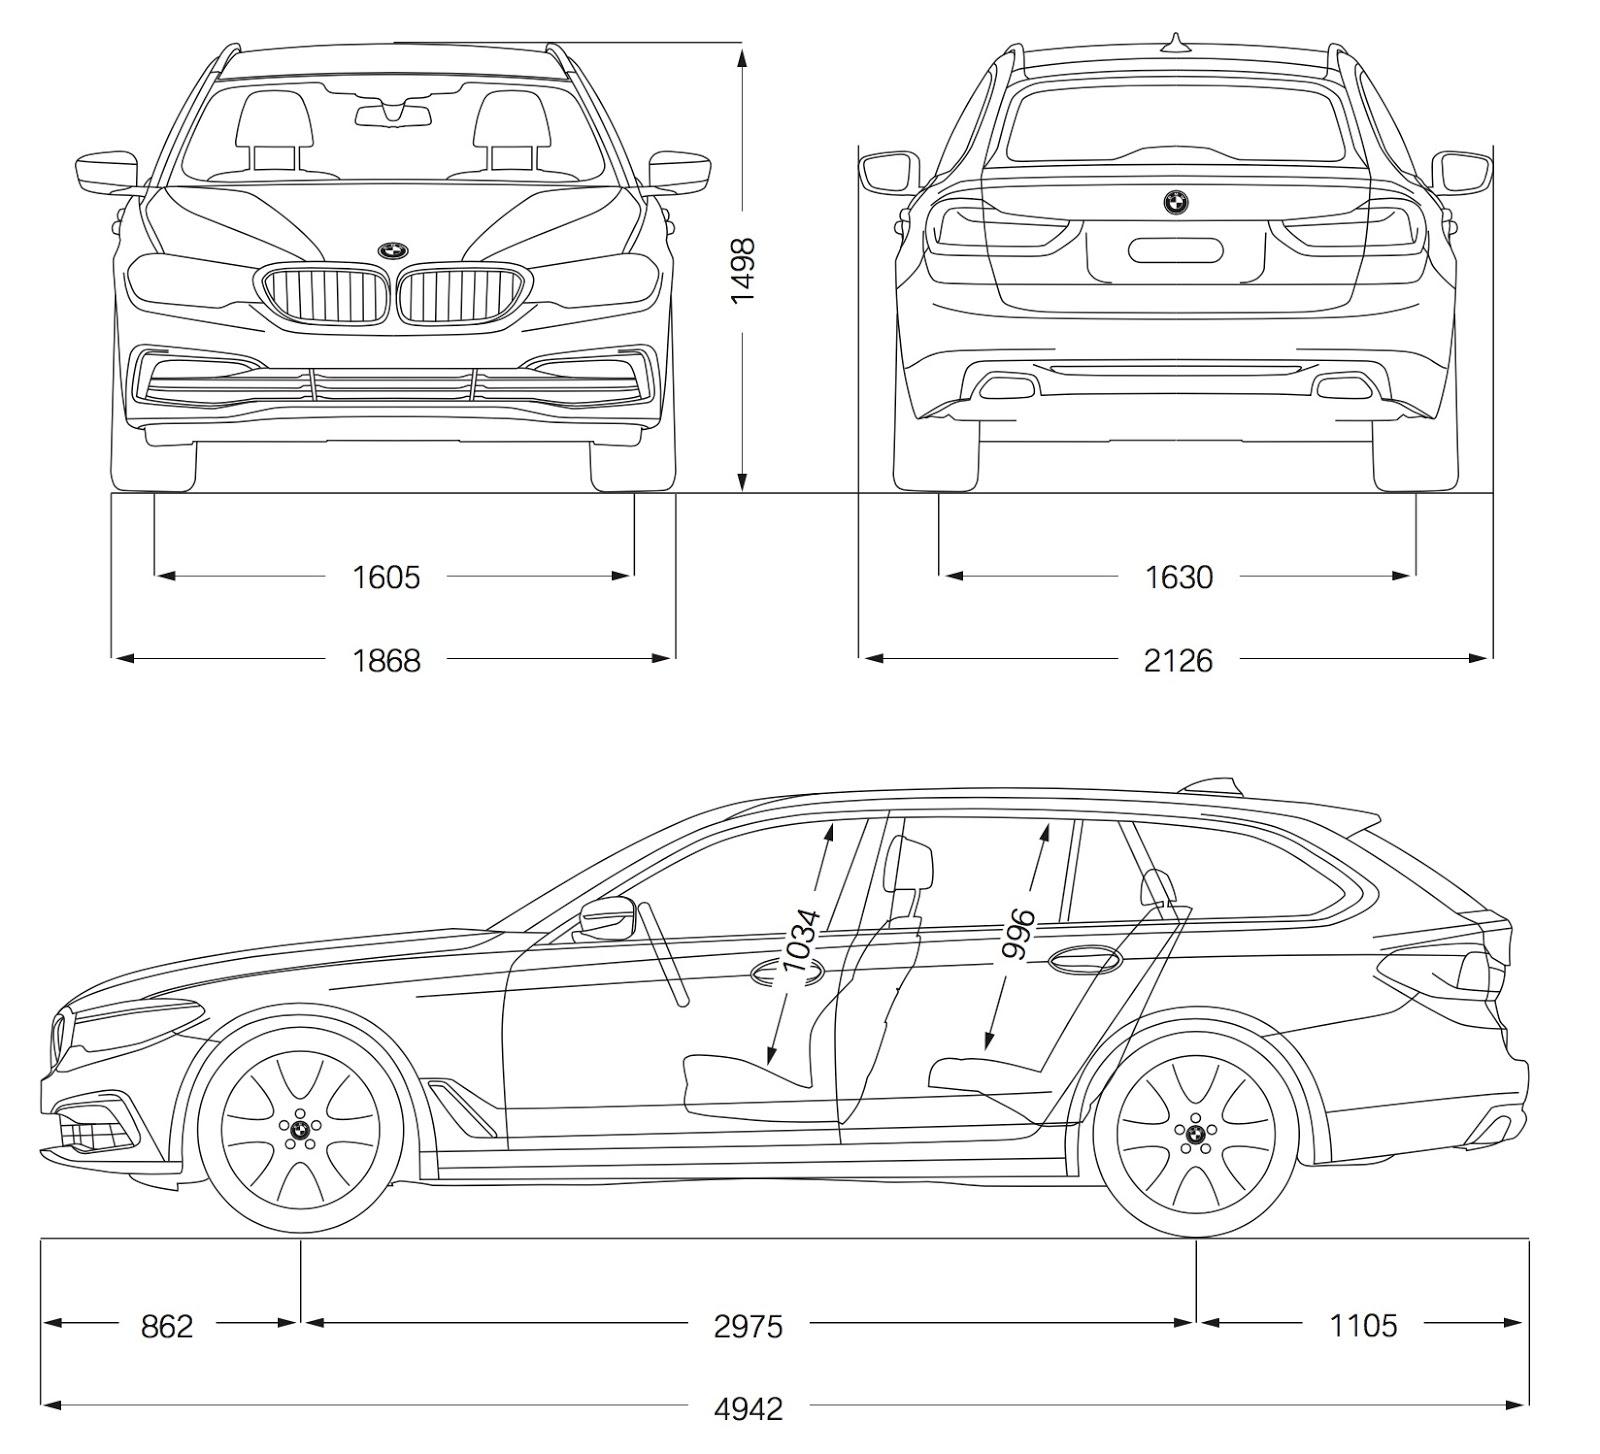 schema tecnico misure dimensioni bmw serie 5 touring 2017